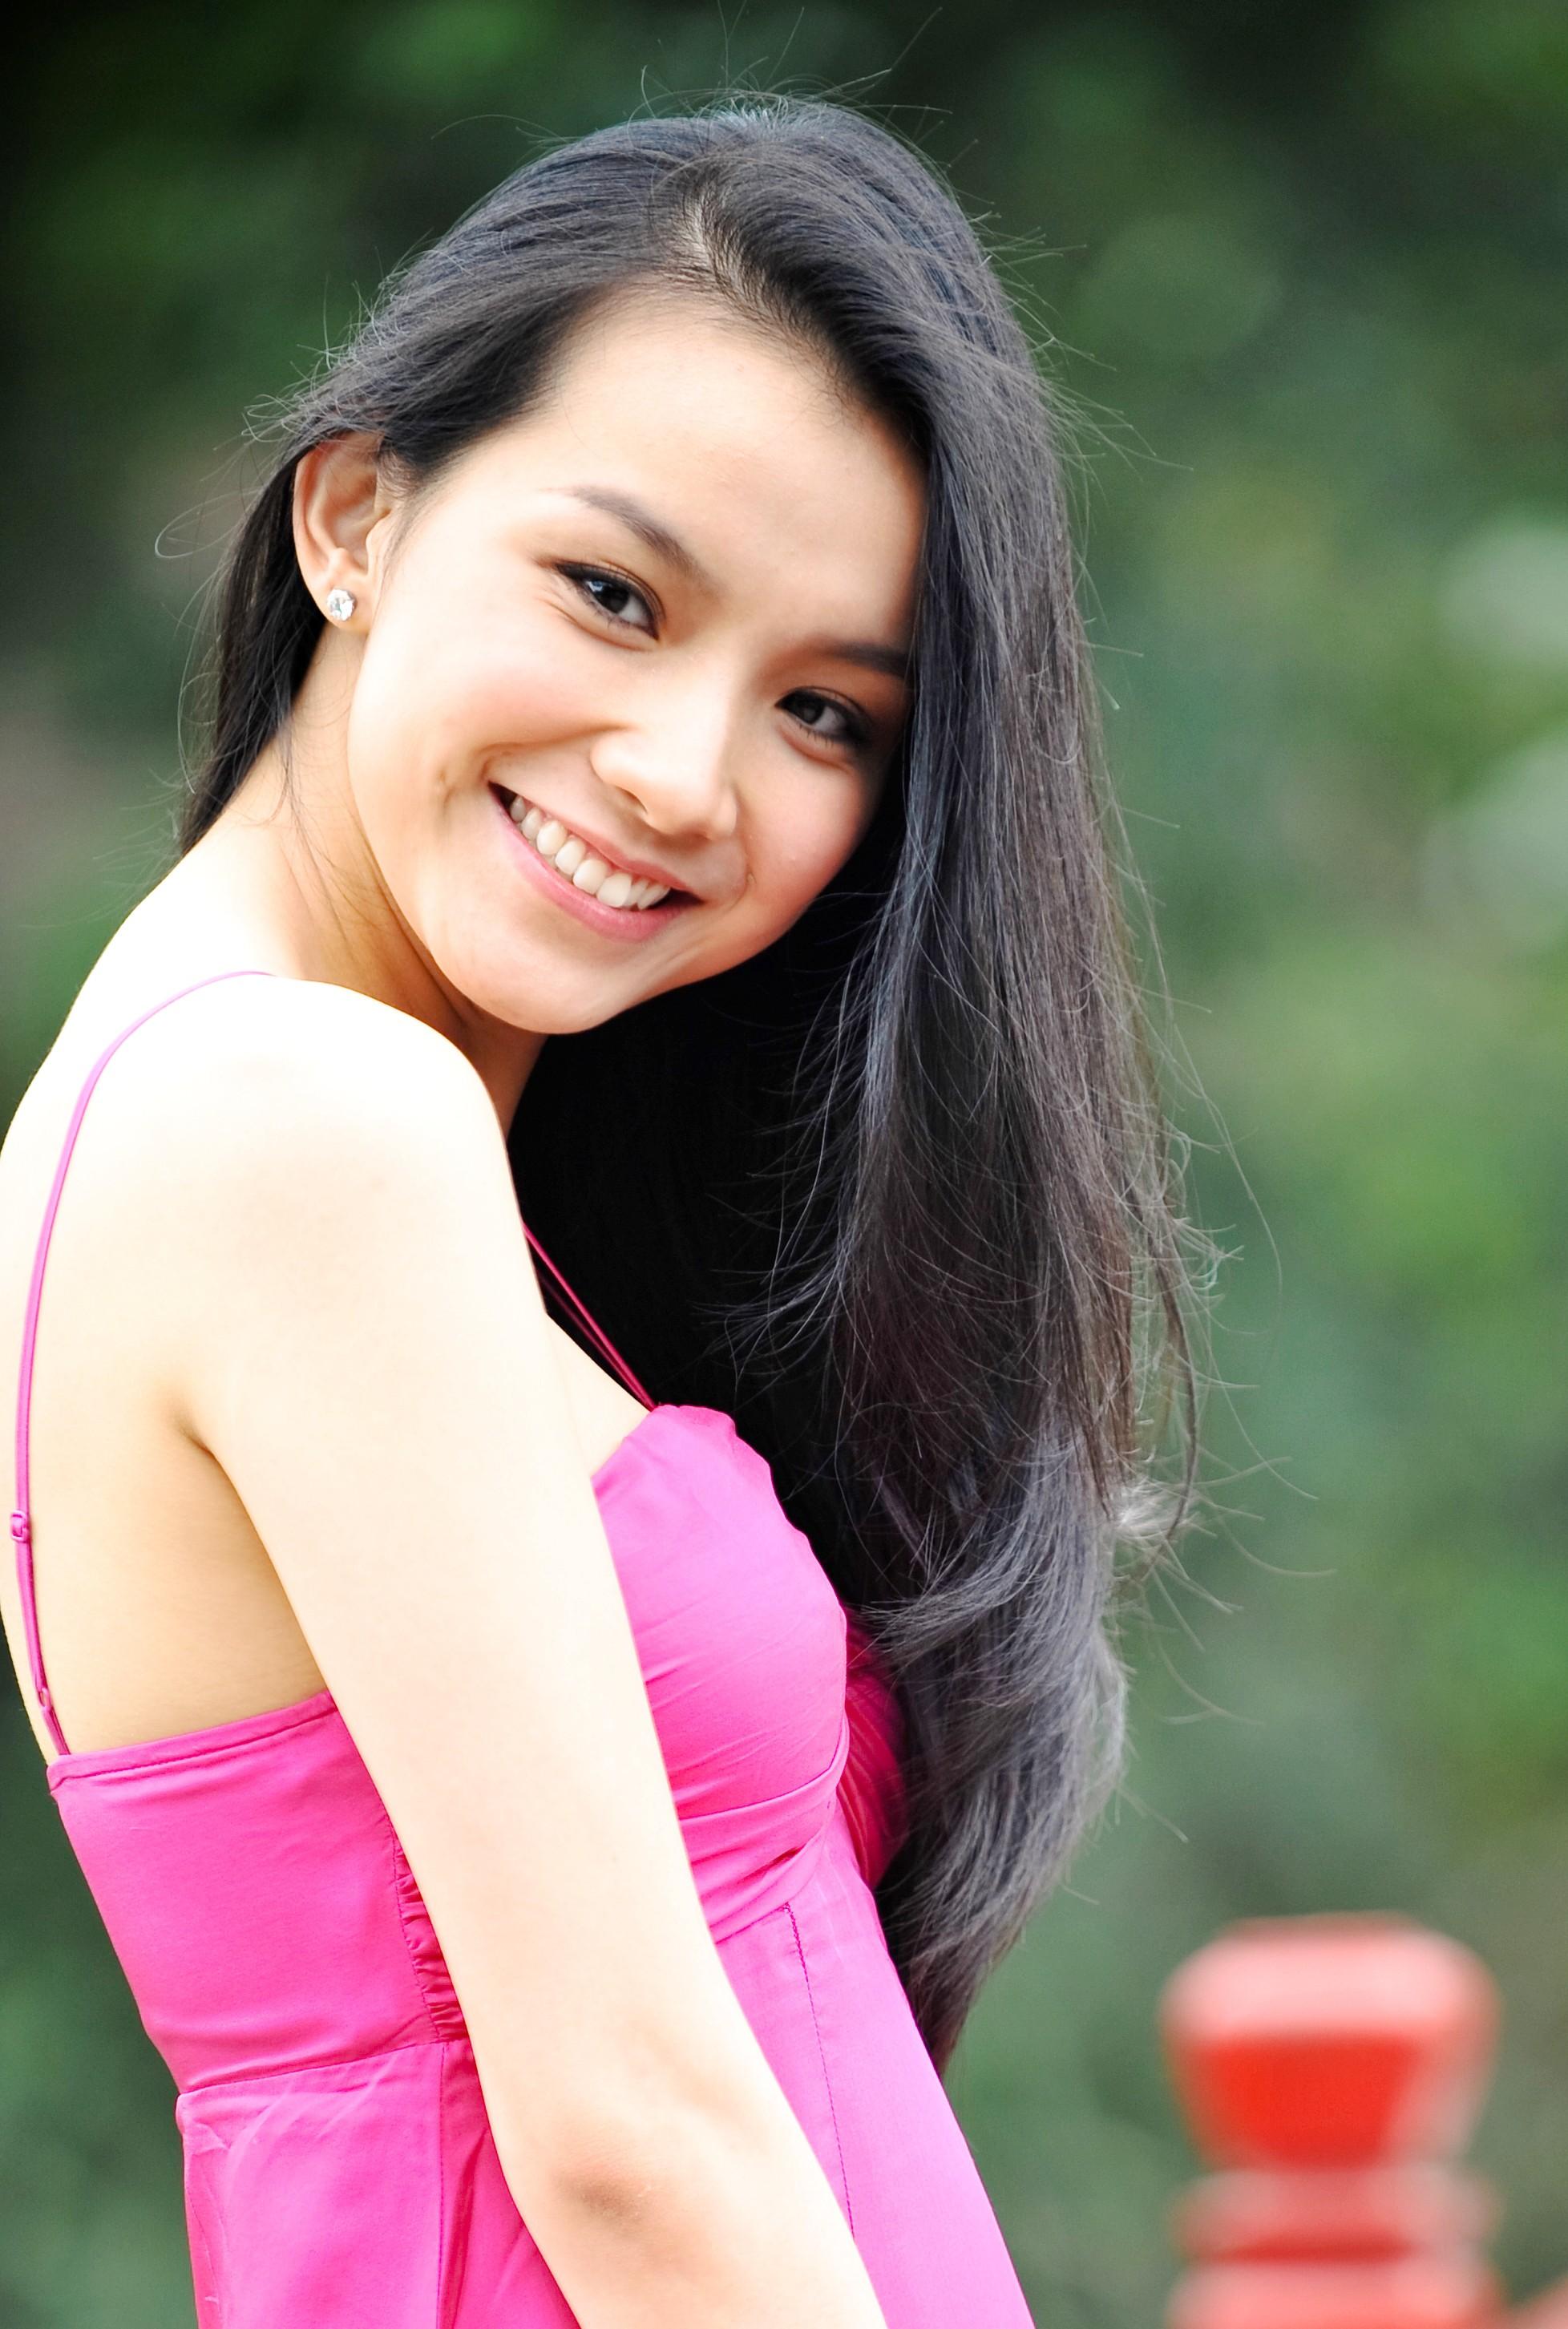 10 năm Việt Nam chỉ tìm được 3 Hoa hậu Hoàn vũ, ai mới là người được lòng công chúng nhất khi vừa đăng quang? - Ảnh 6.